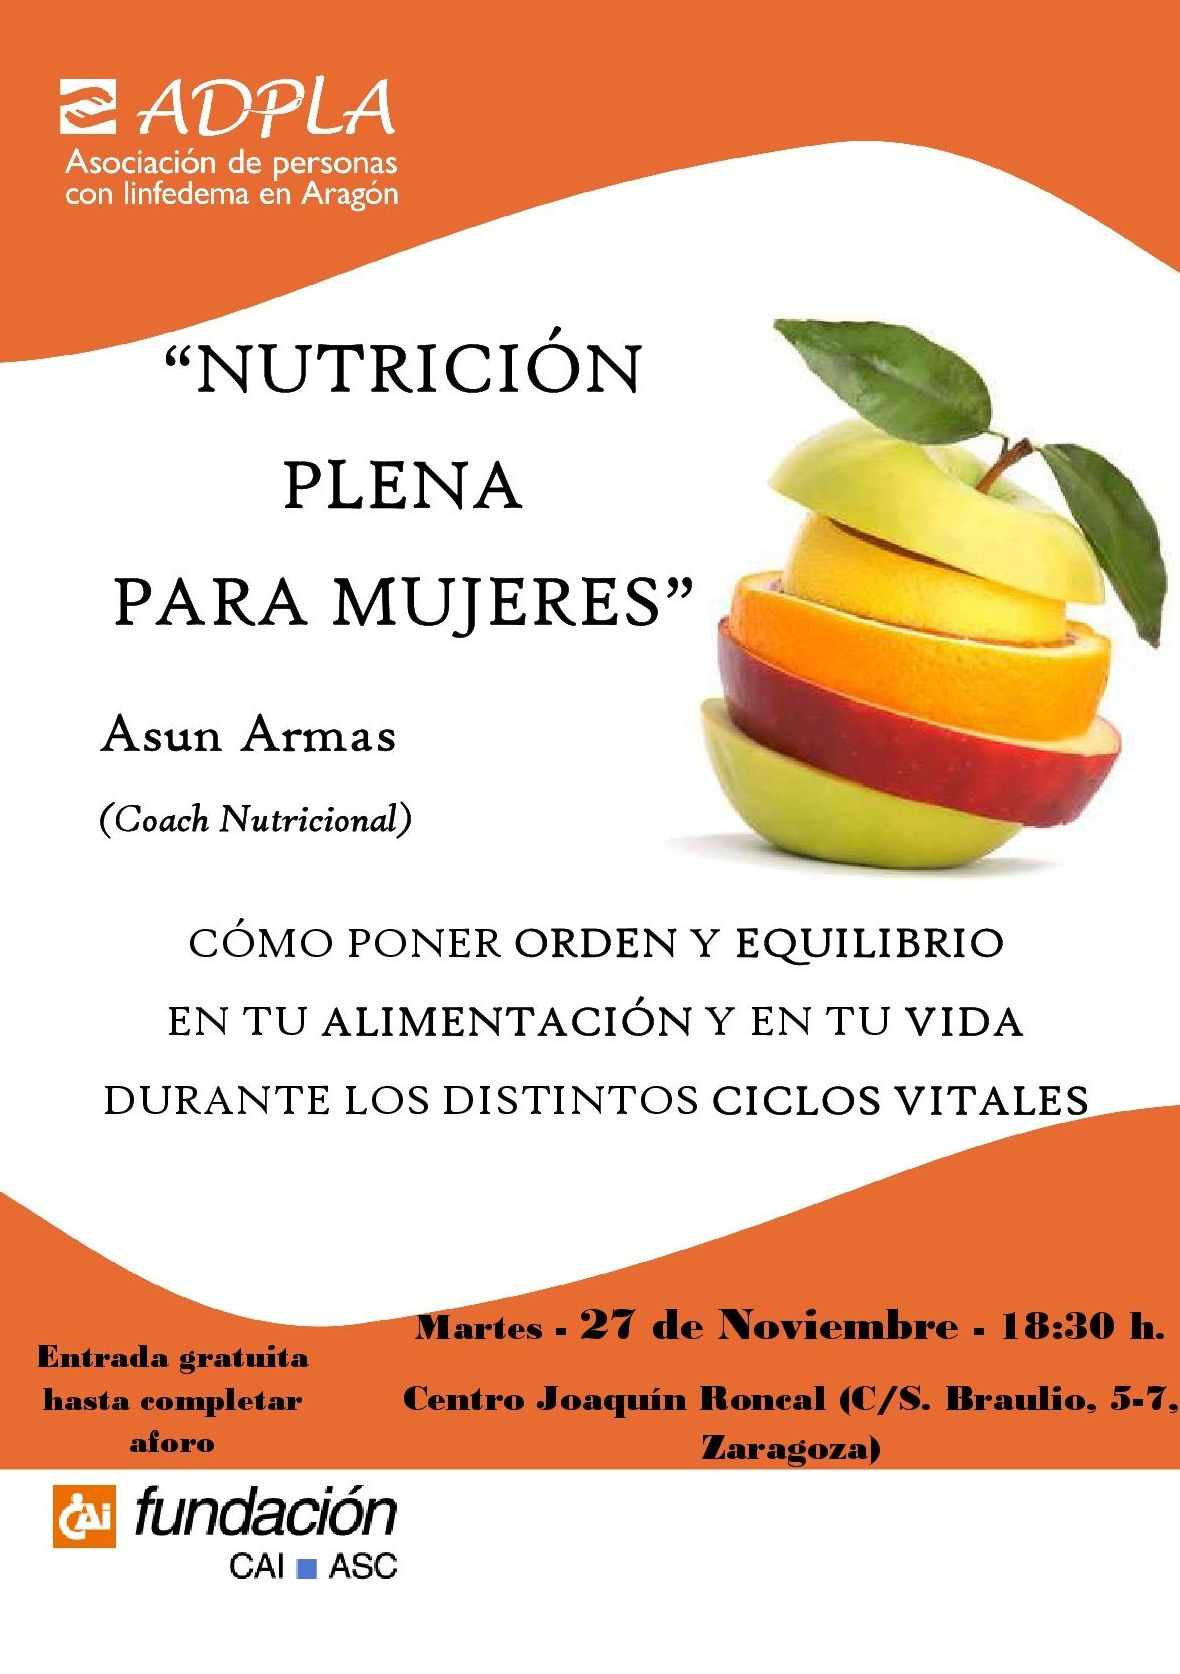 Nutrición Plena para mujeres Zaragoza